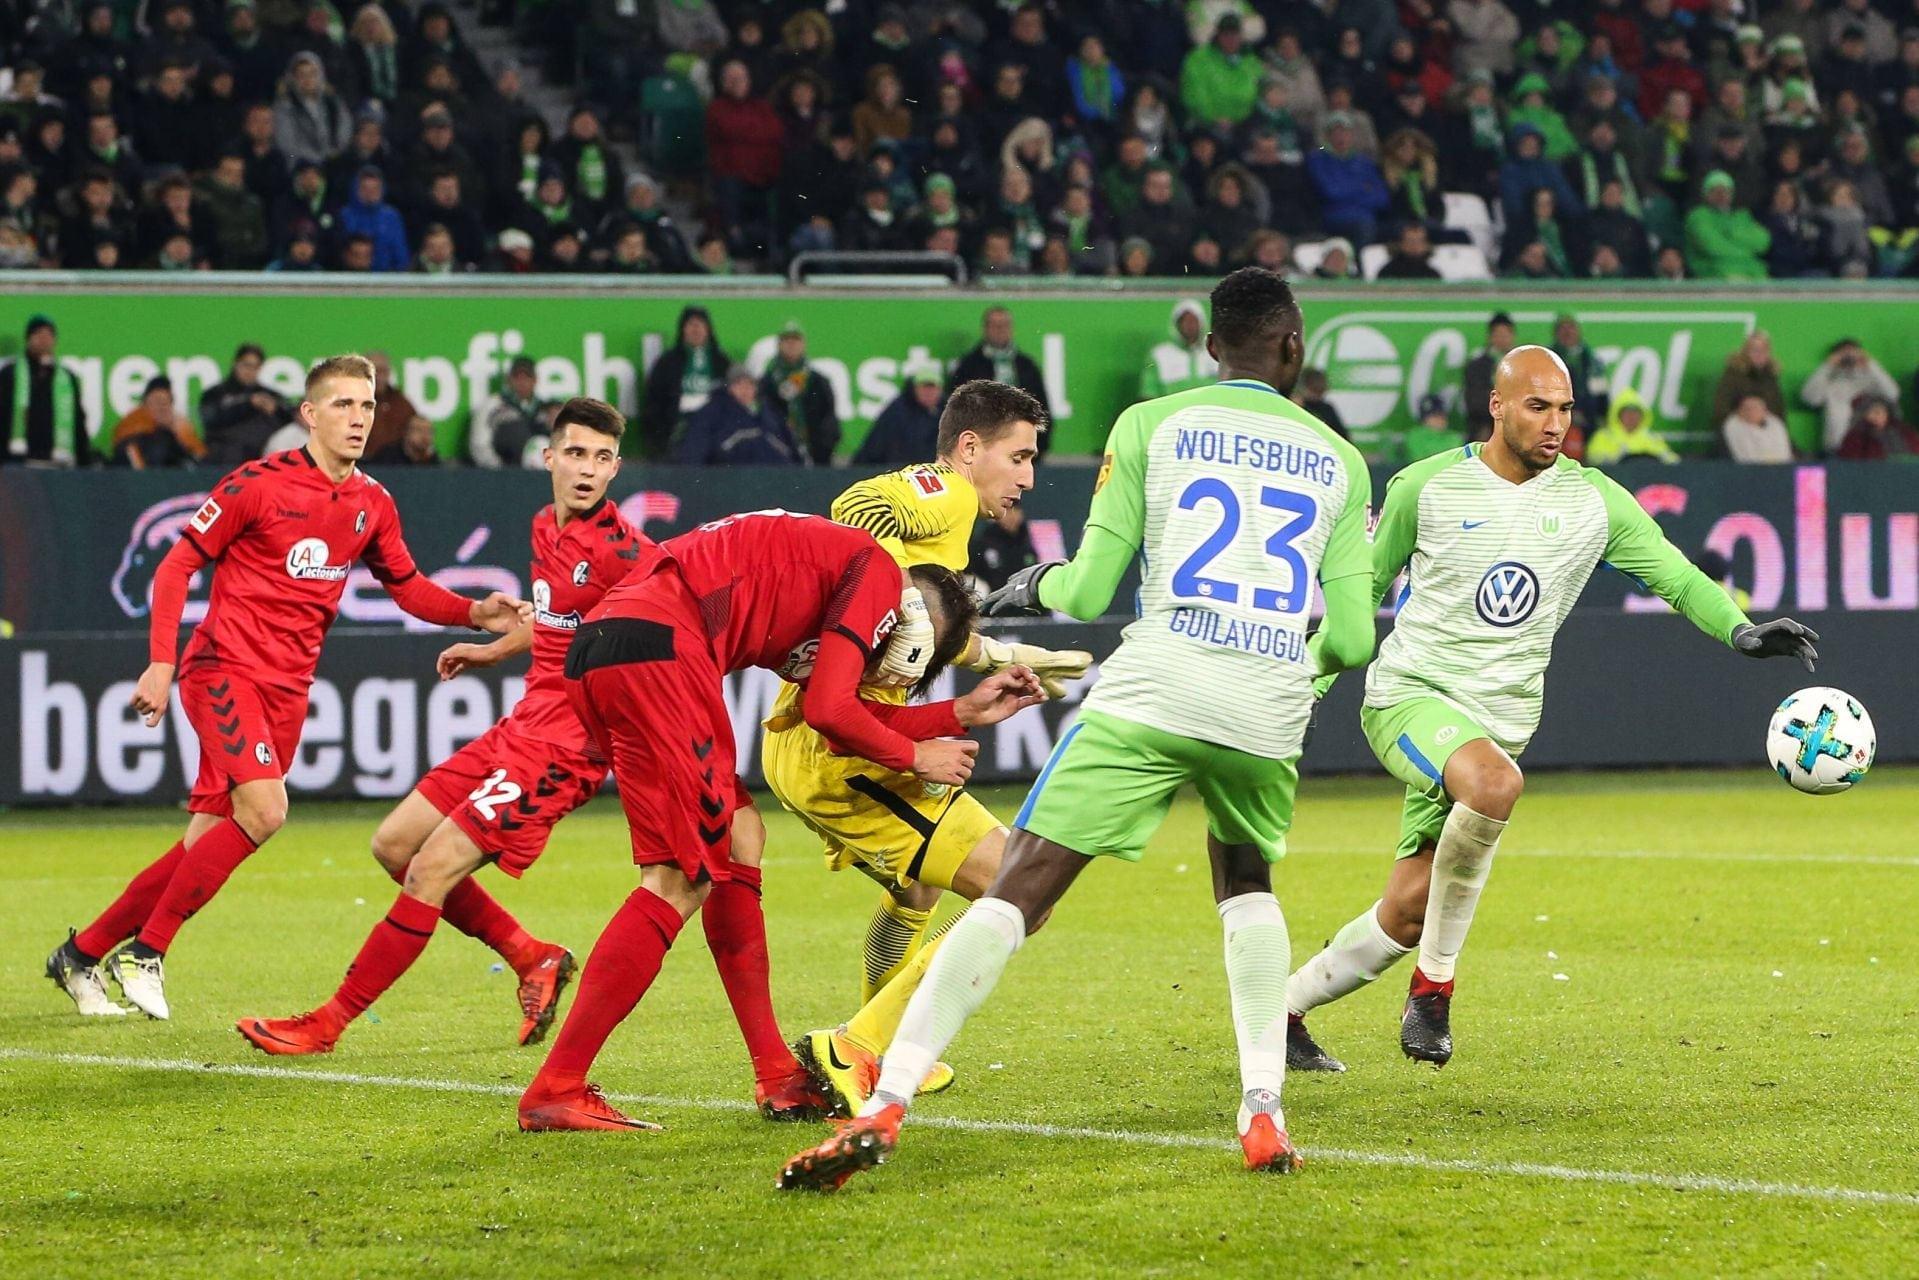 Προγνωστικά Bundesliga | Ρουχωτάς: Βόλφσμπουργκ με αίσθηση ανωτερότητας